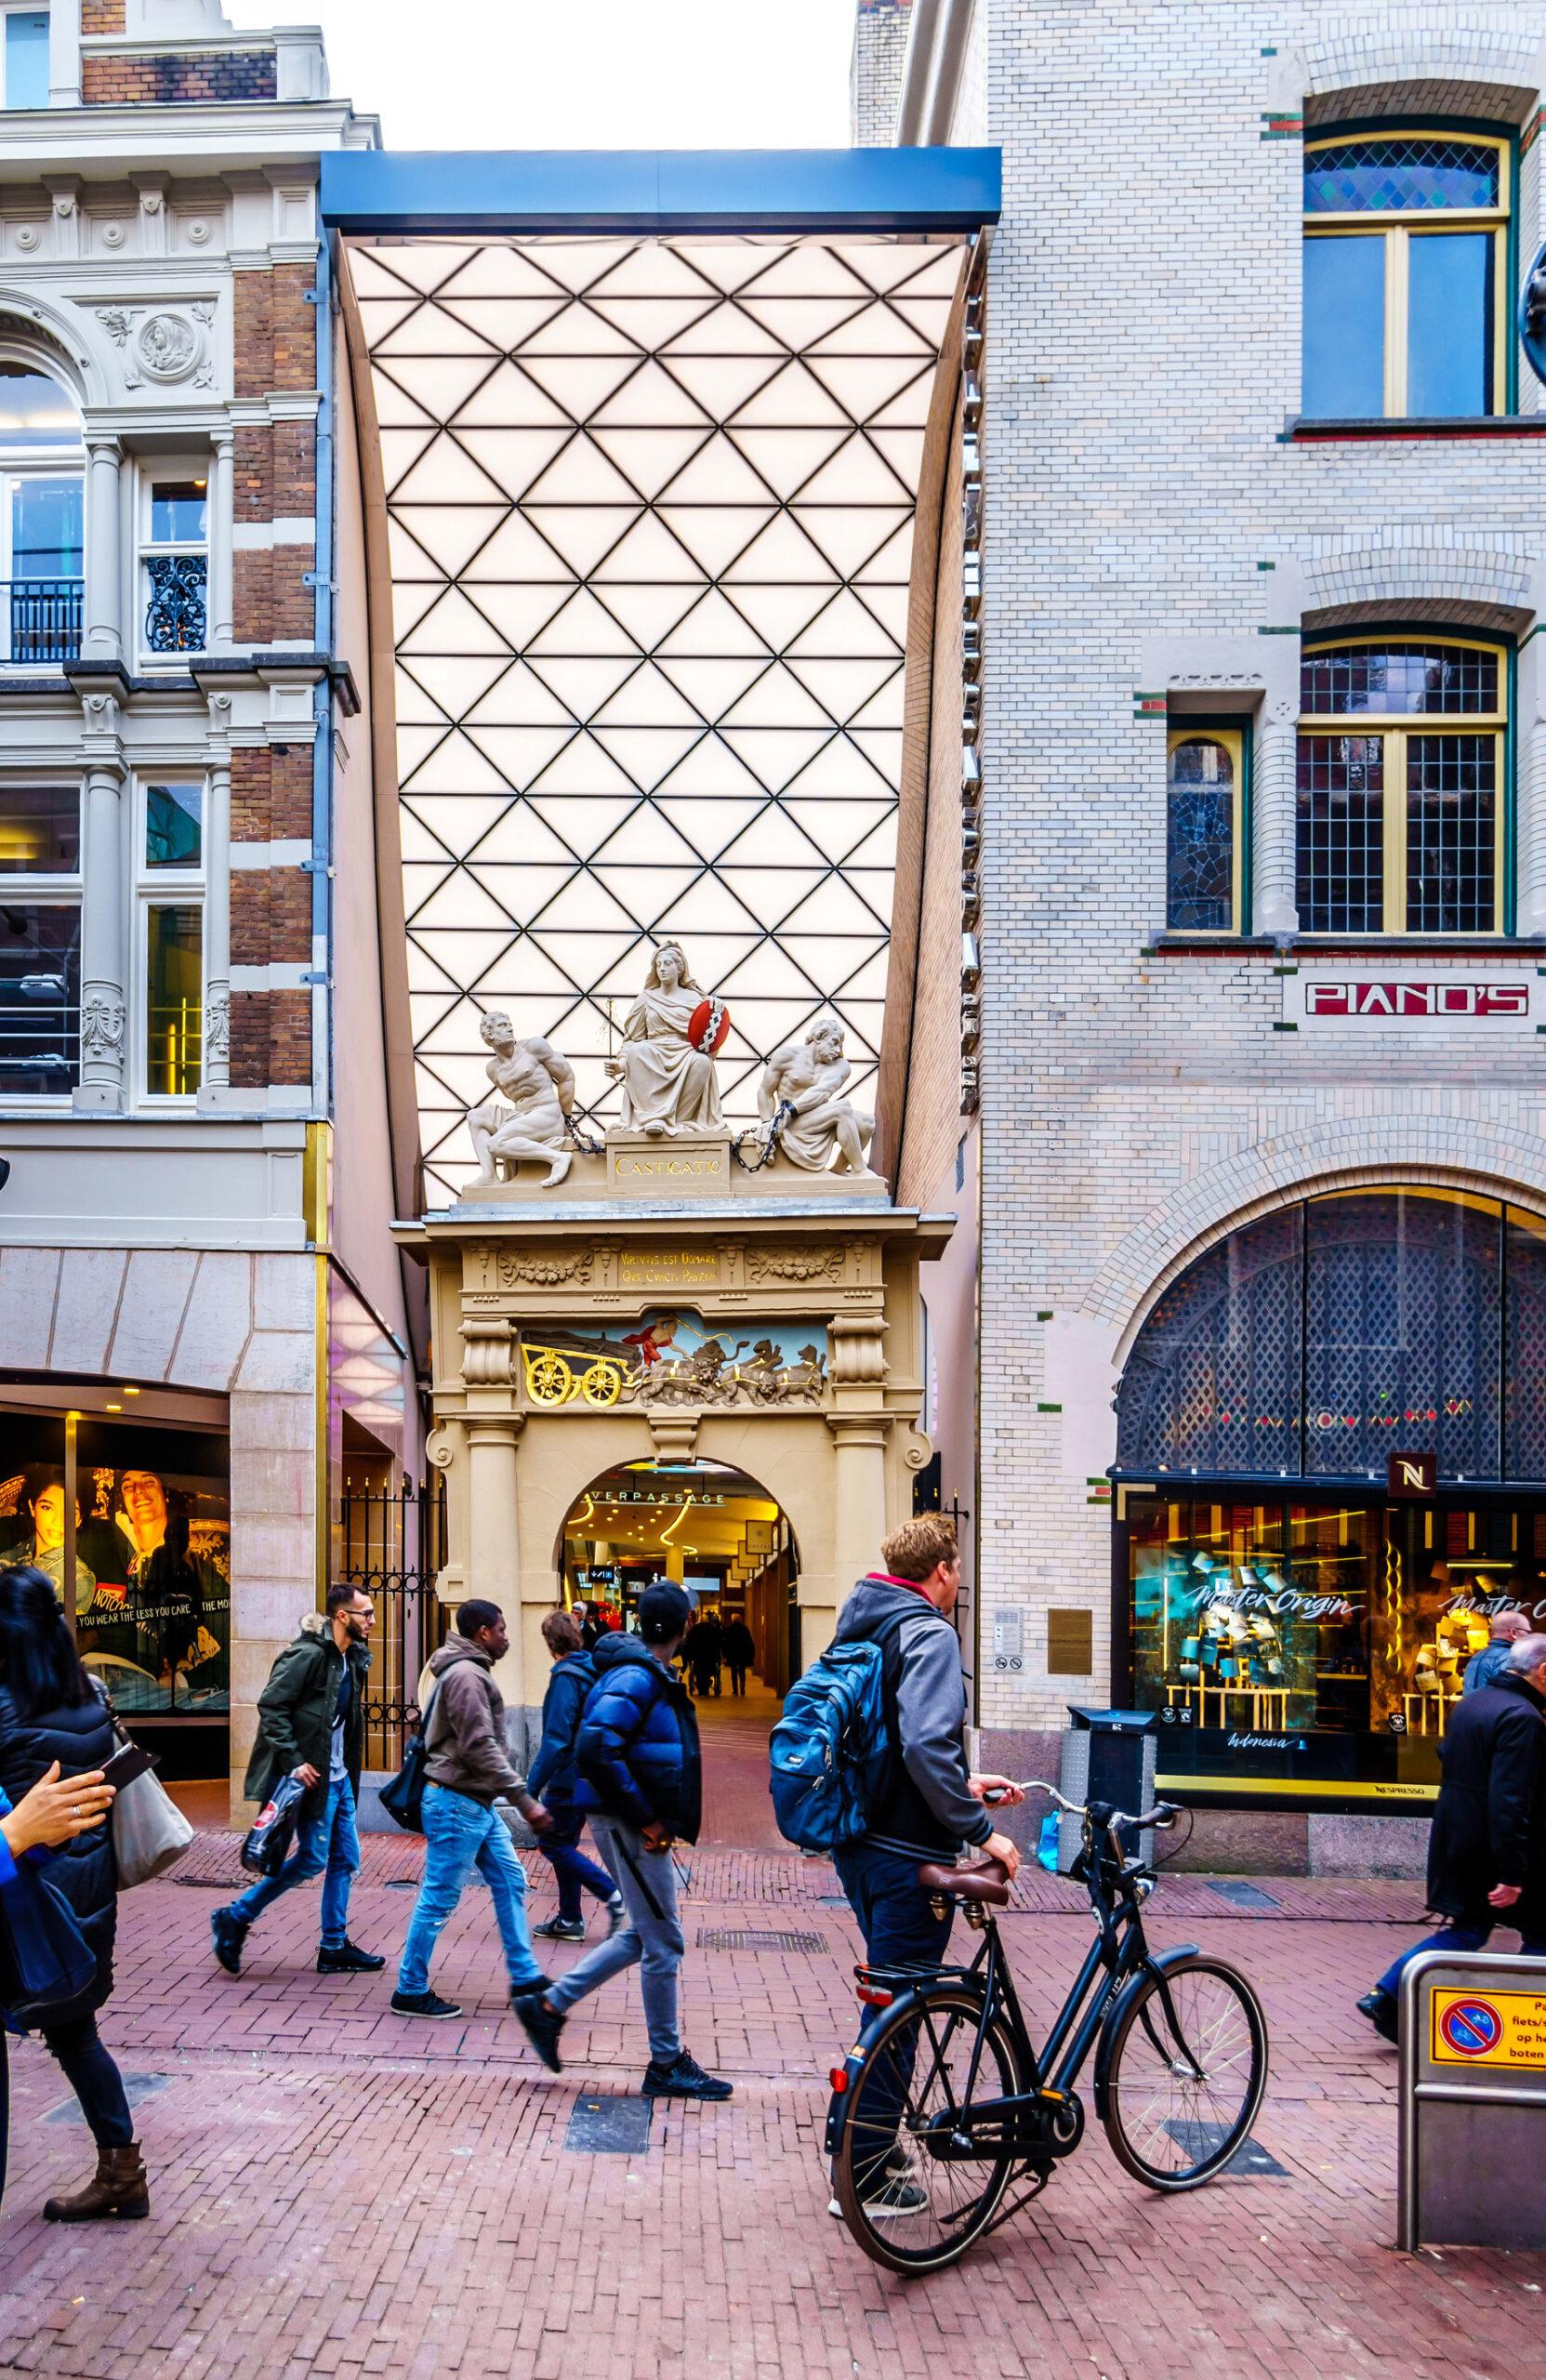 Kalverstraat Kalverpassage Amsterdam shopping handlegate